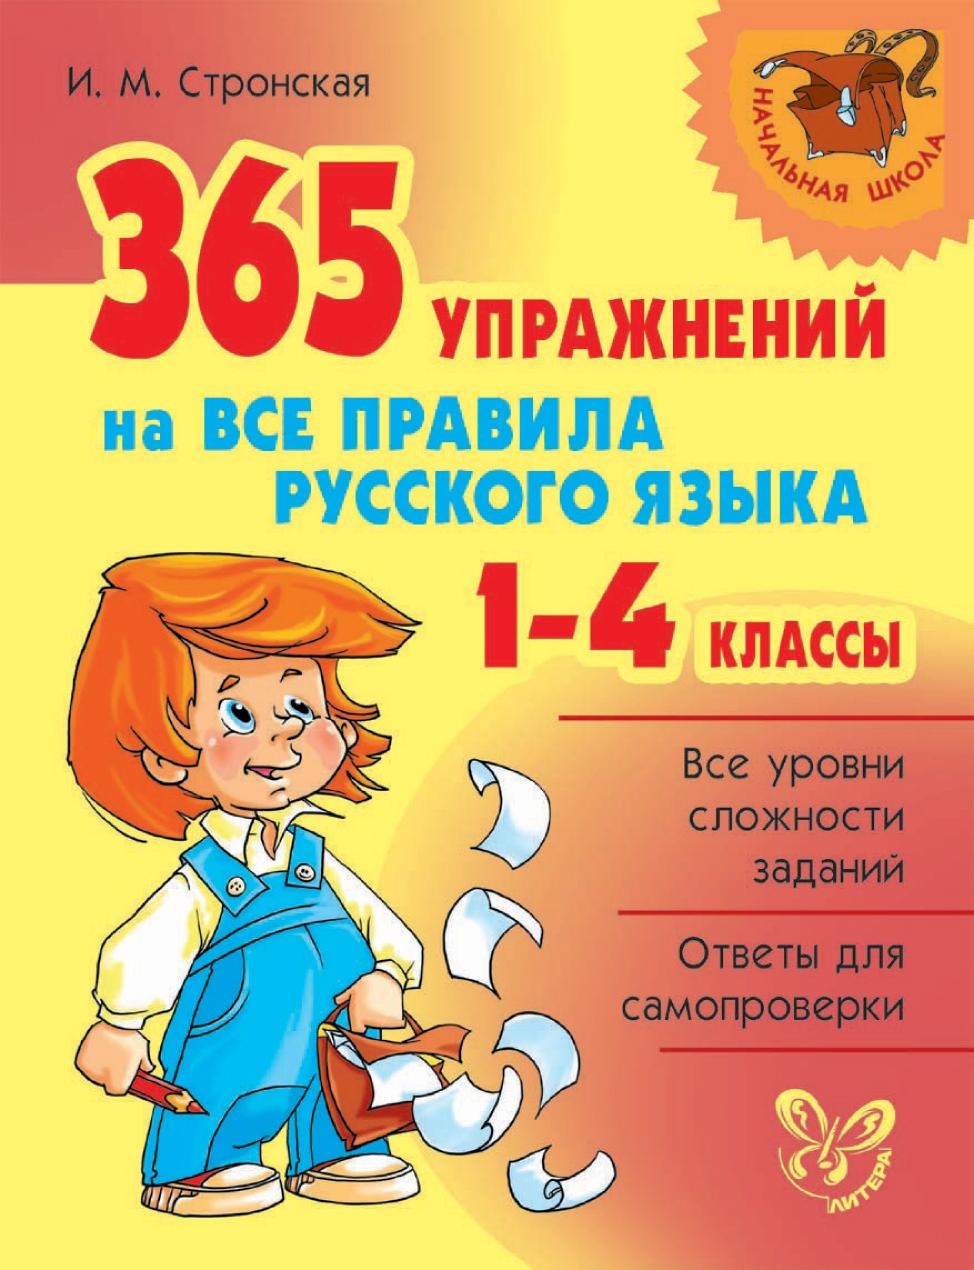 И. М. Стронская 365 упражнений на все правила русского языка. 1-4 классы